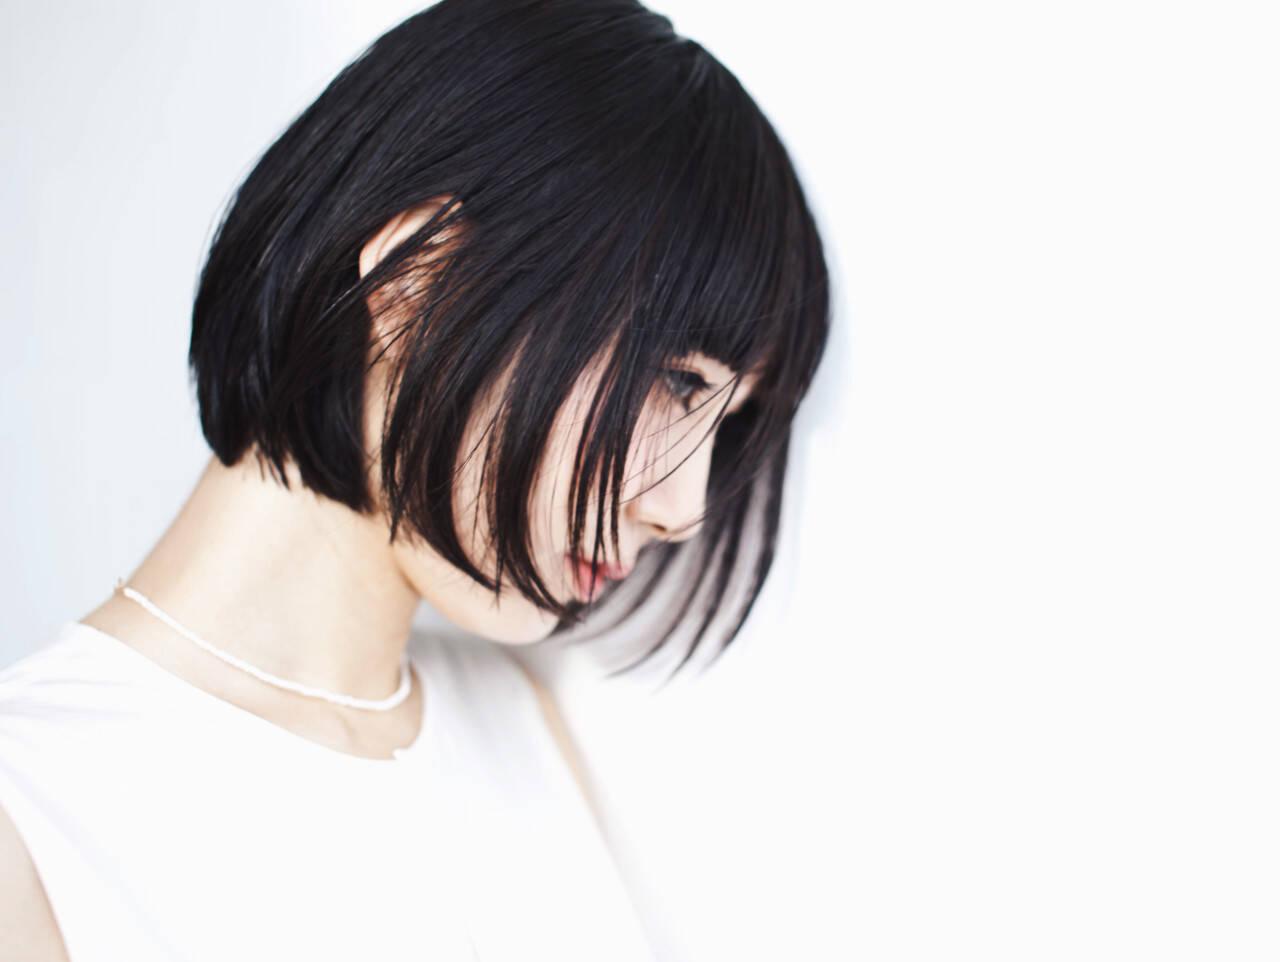 ショート 黒髪 モード ボブヘアスタイルや髪型の写真・画像